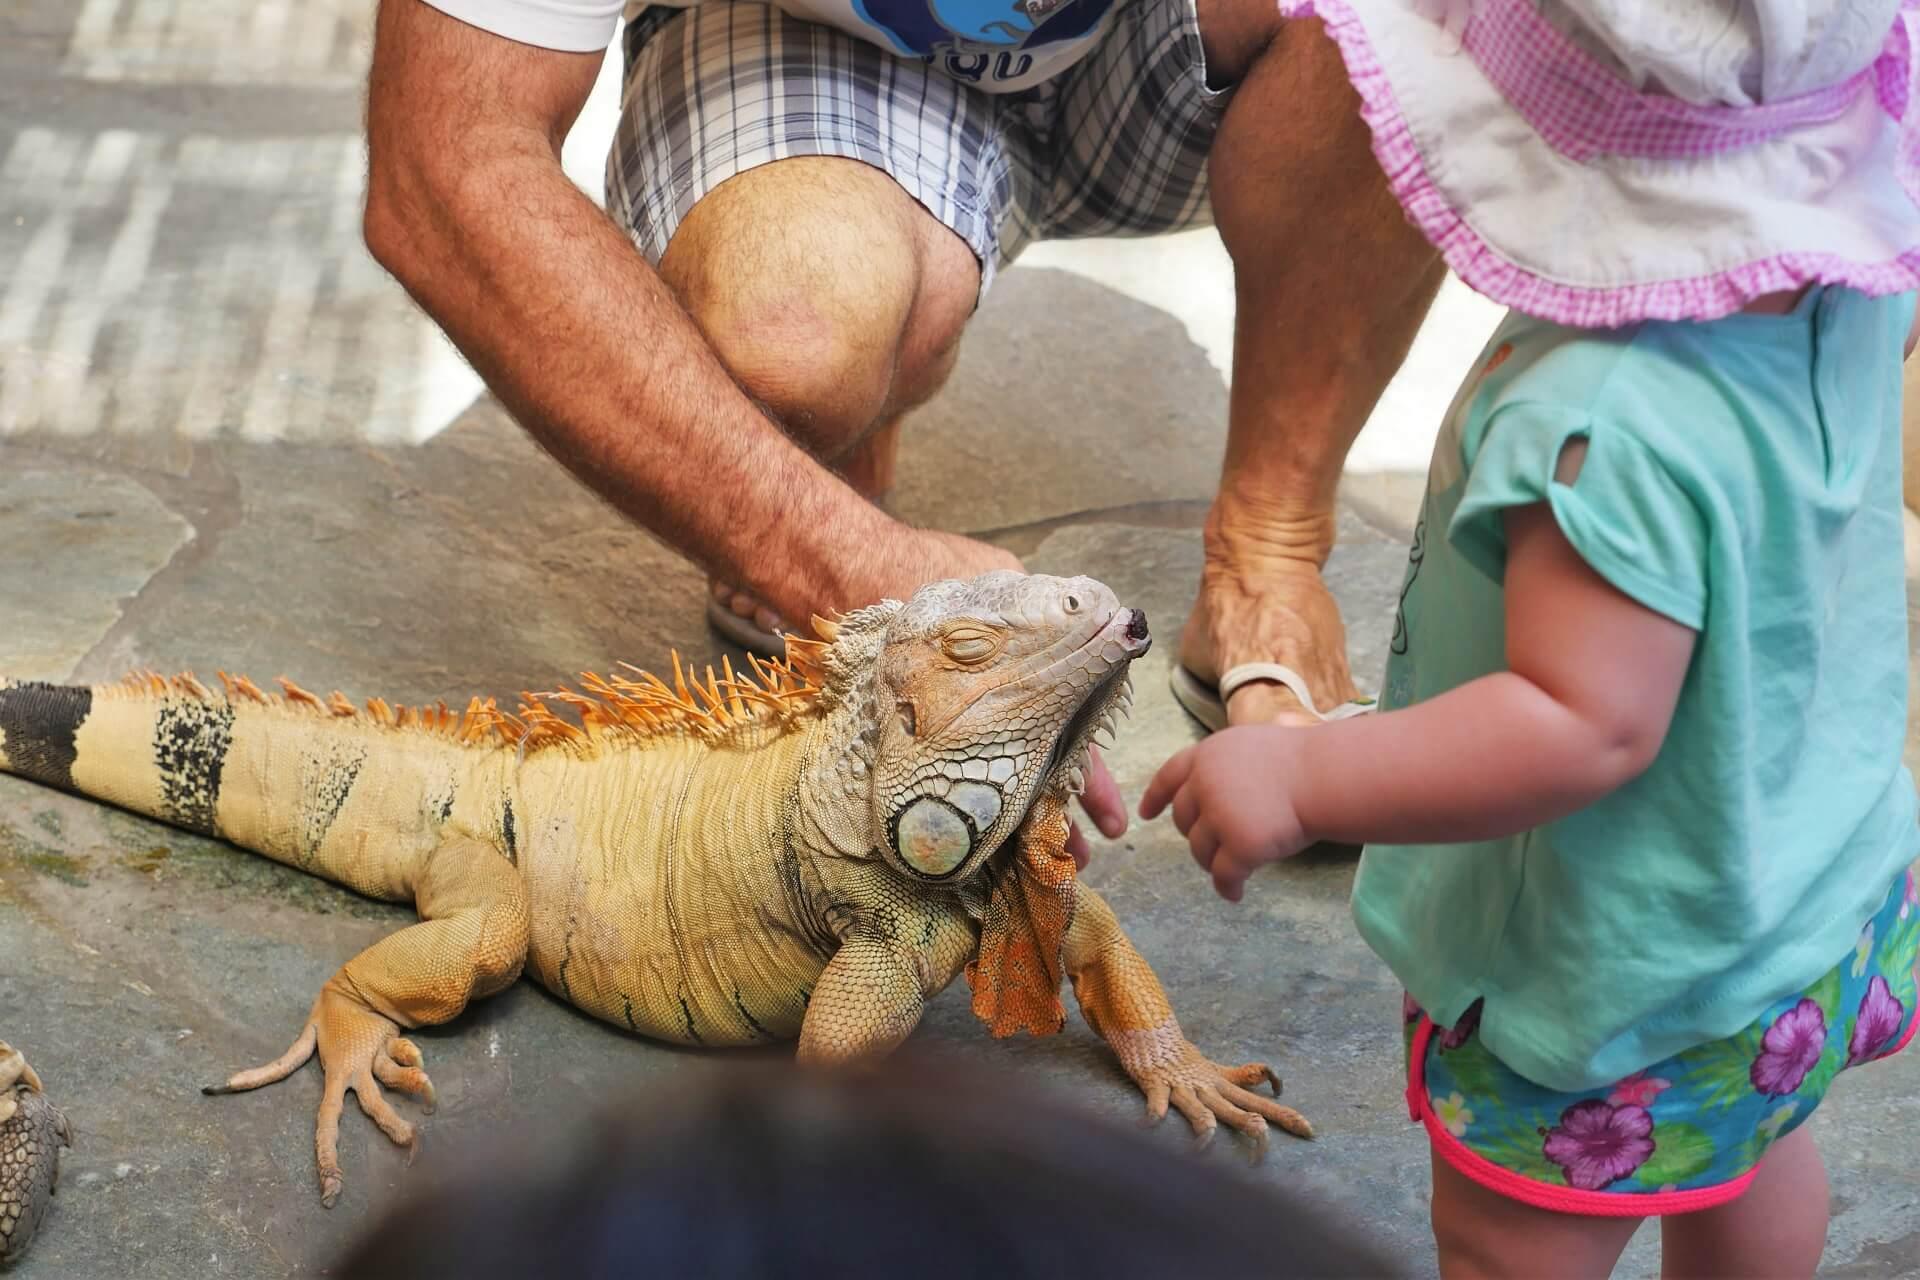 Aquaworld Aquarium & Reptile Rescue Centre in Heraklion | AllinCrete